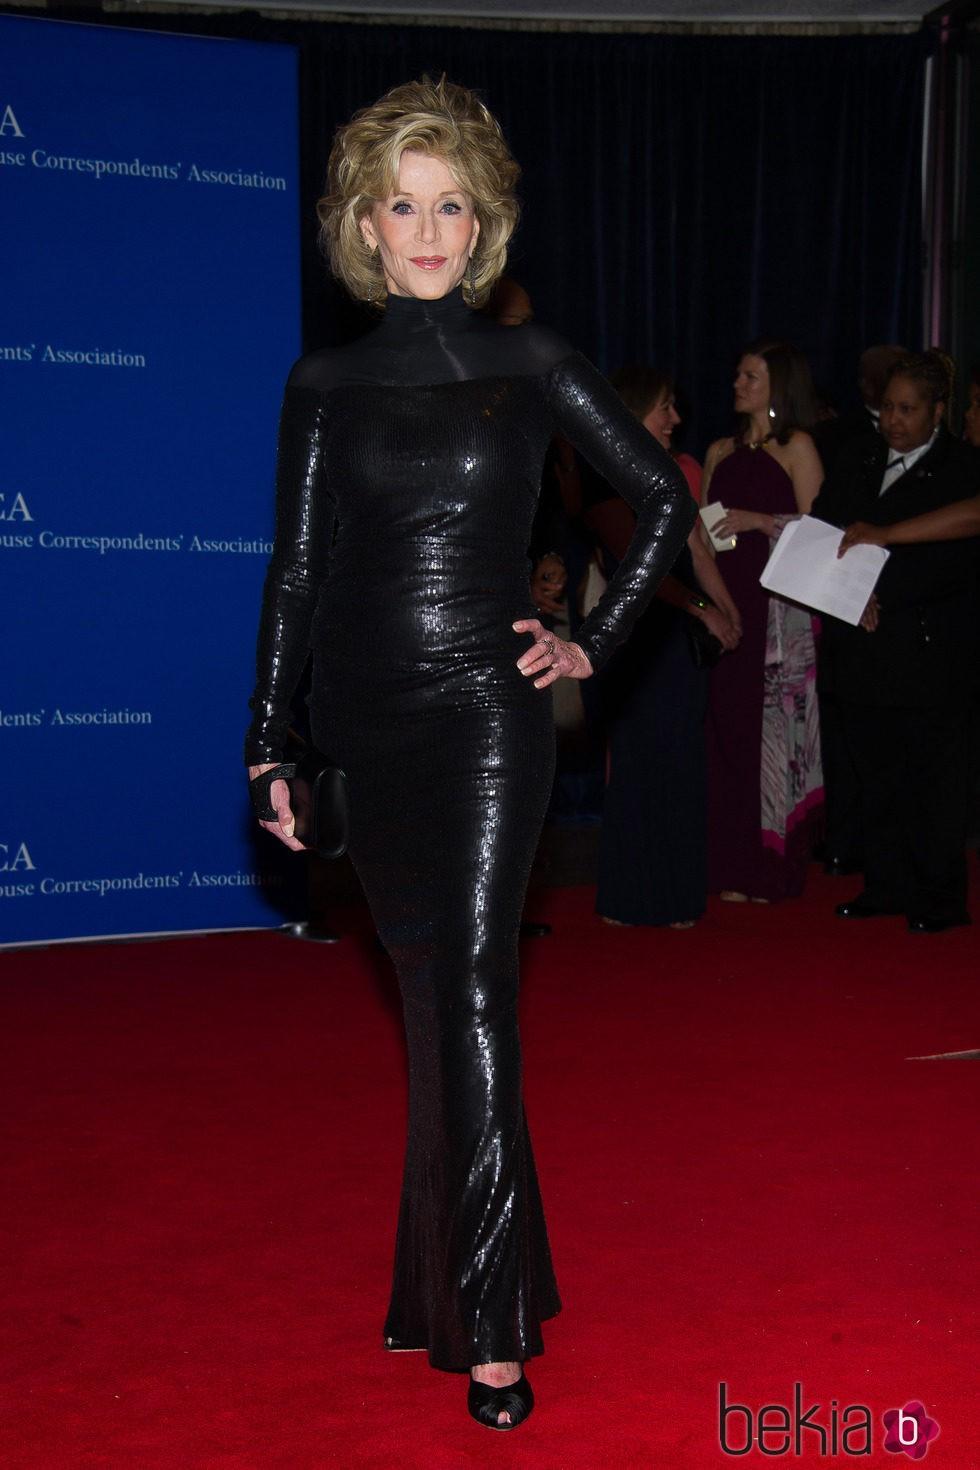 Jane Fonda en la Cena de Corresponsales de la Casa Blanca 2015